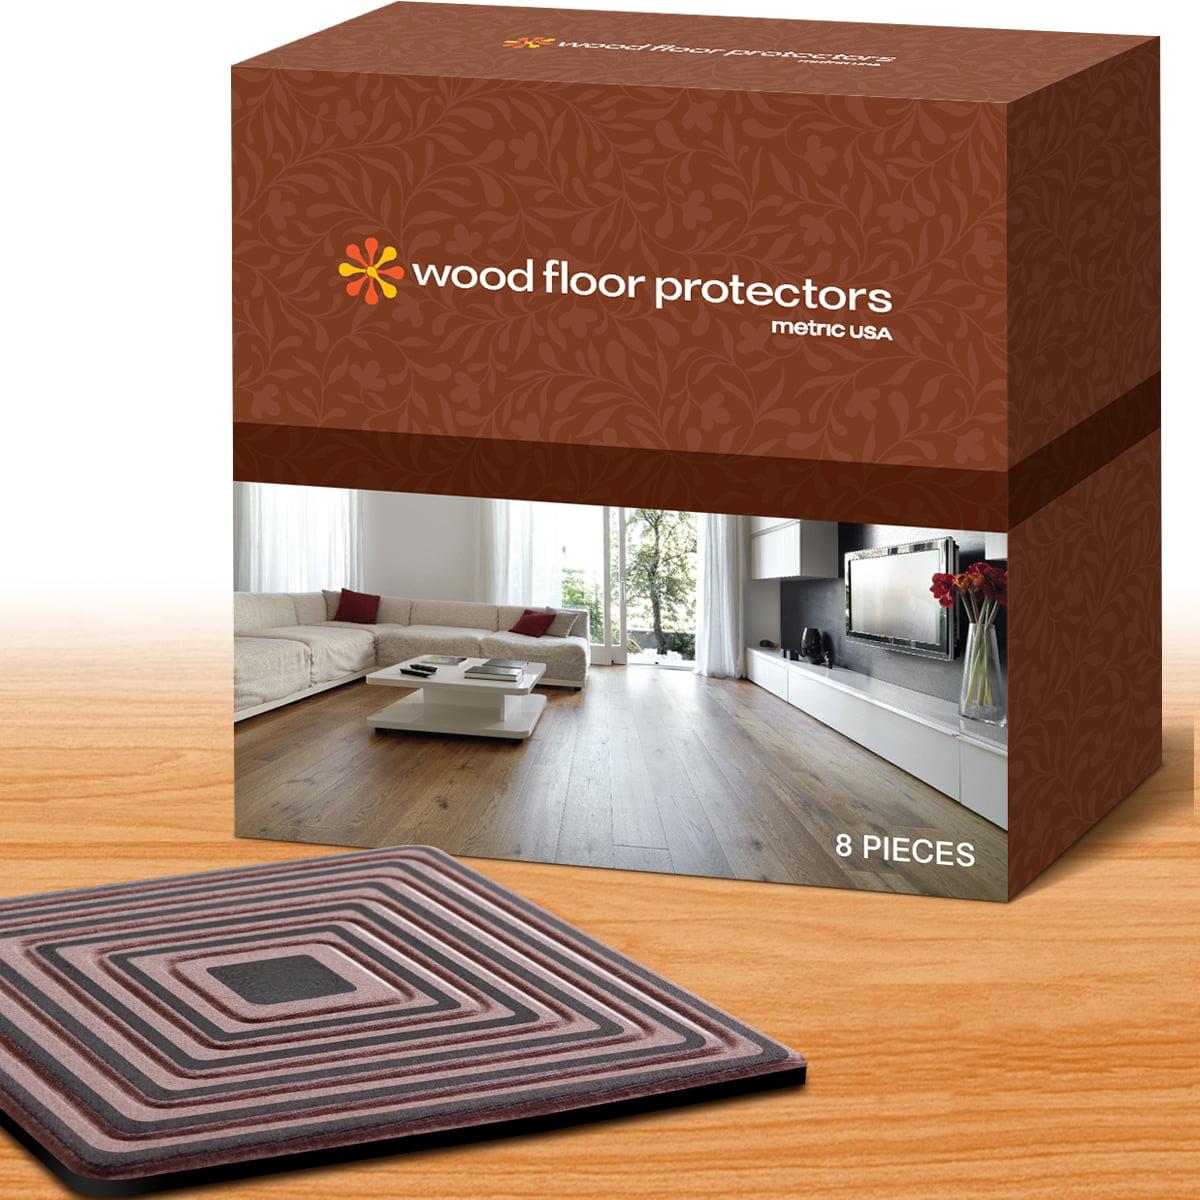 Wood Floor Protectors By Metric Usa Set